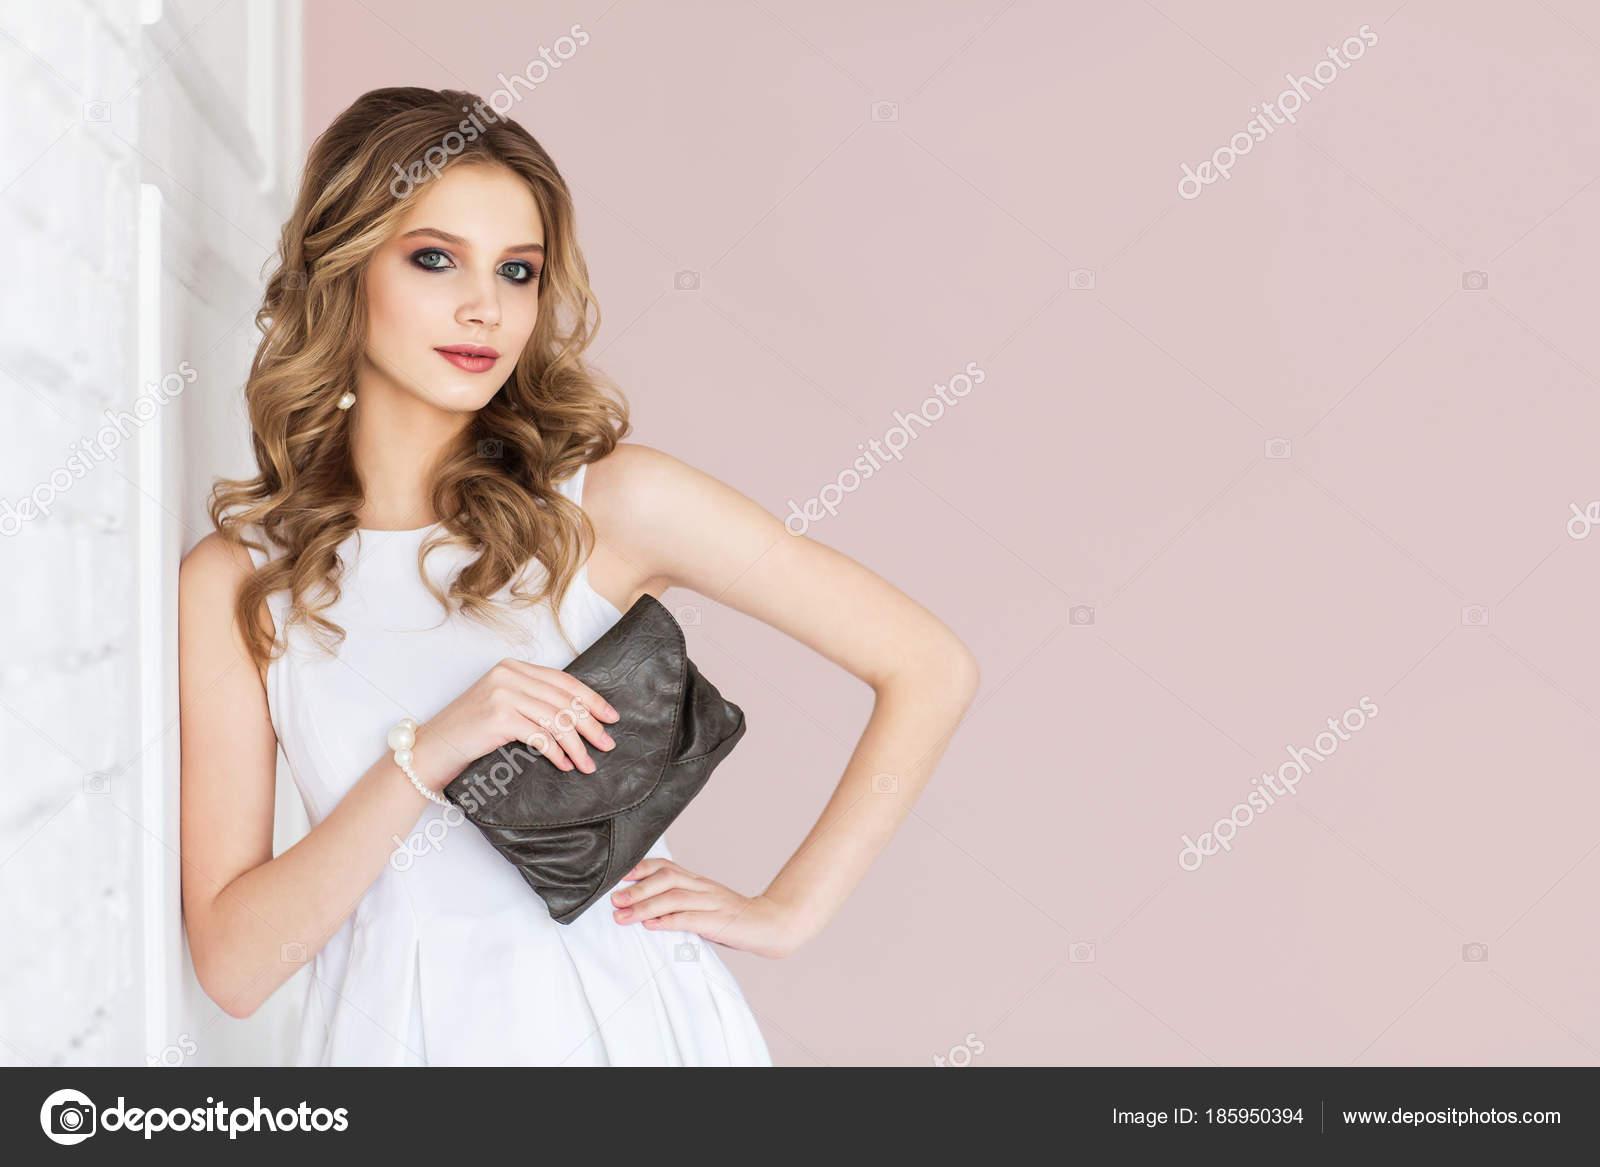 Portrét Mladé Blond Ženy Vlnité Vlasy Sobě Bílé Šaty Držení — Stock ... 26e2eb74b03